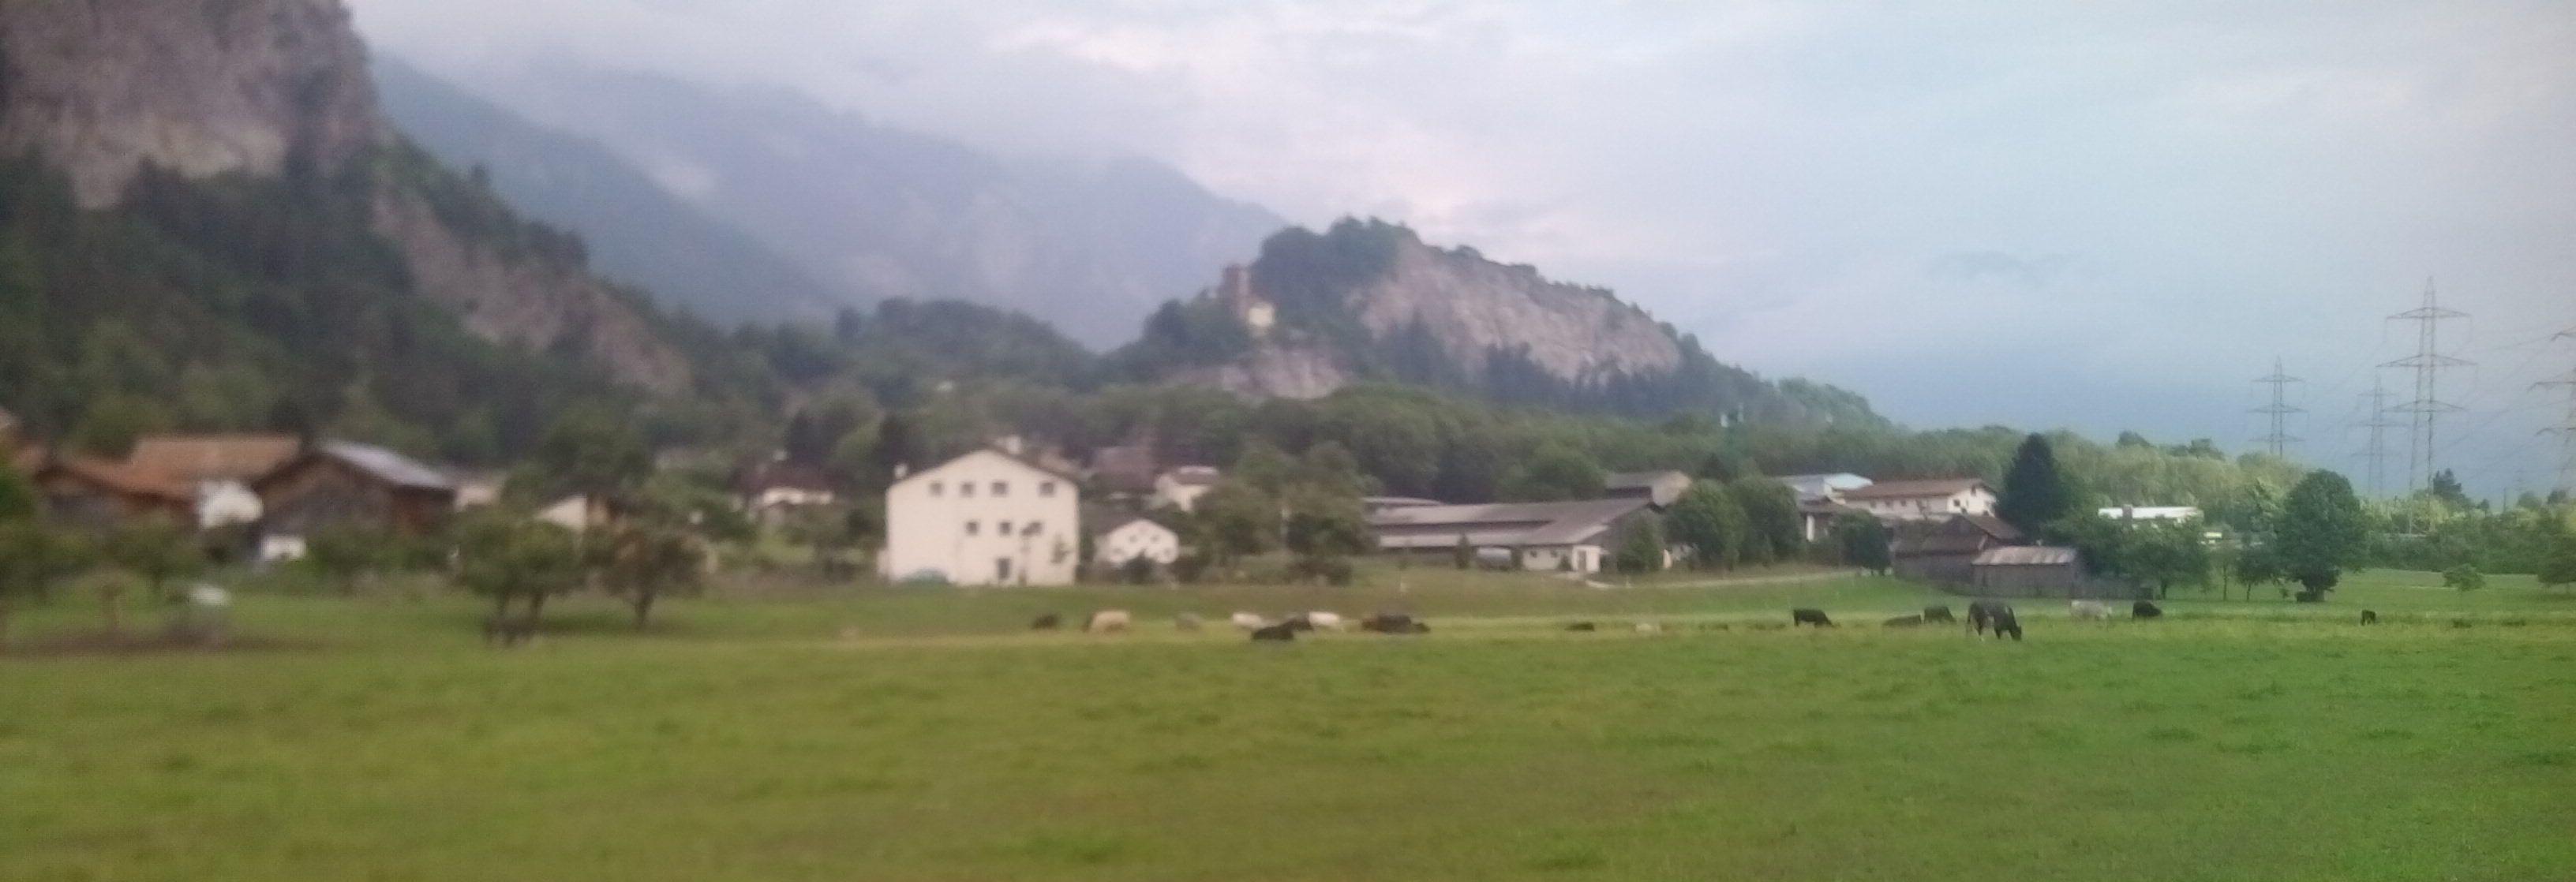 IMG_20150609_180035.jpg Rothenbrunnen